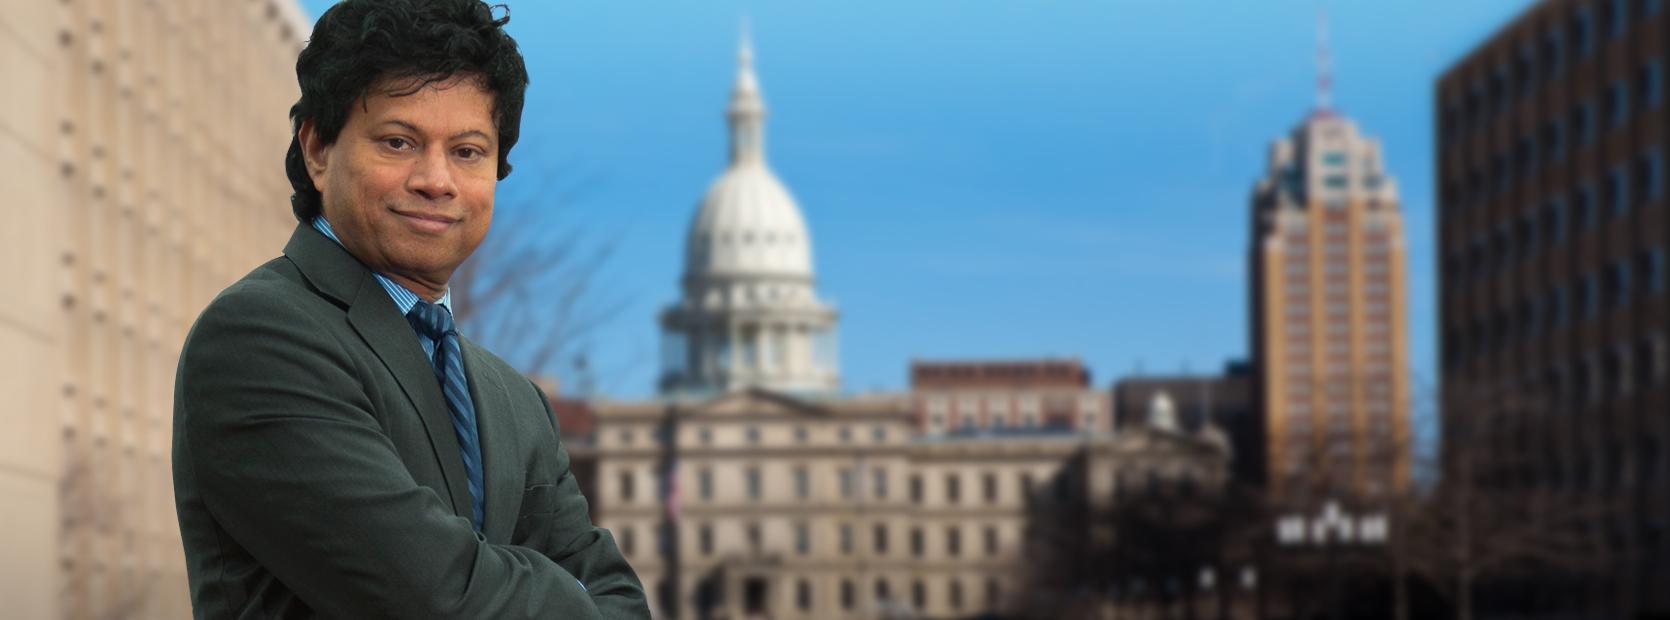 Shri Thanedar for Michigan Governor